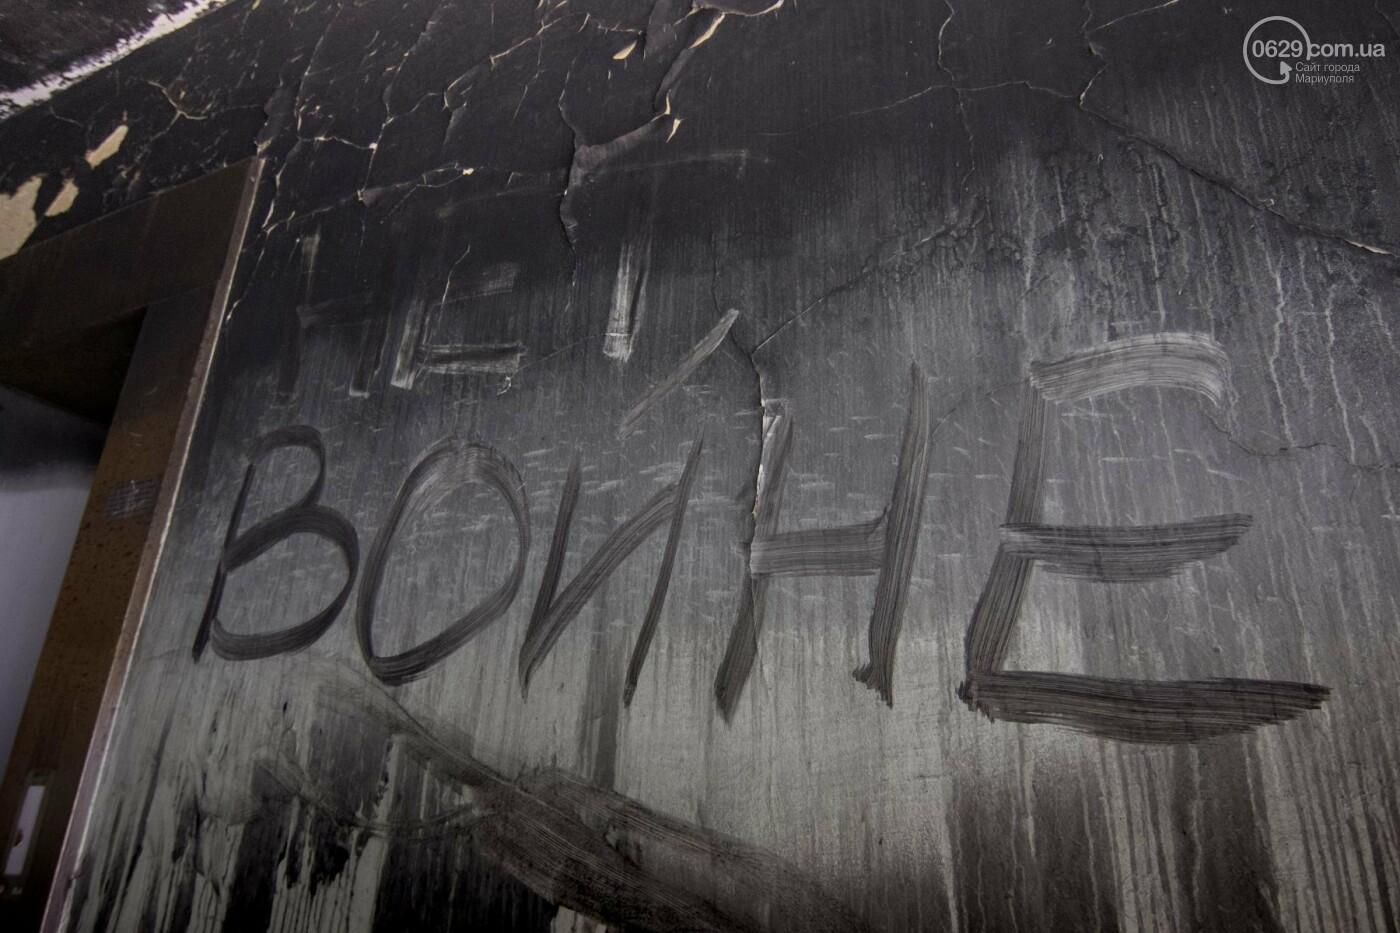 Что осталось от здания мариупольской мэрии, и когда его восстановят (ФОТОРЕПОРТАЖ с руин +ВИДЕО), фото-13